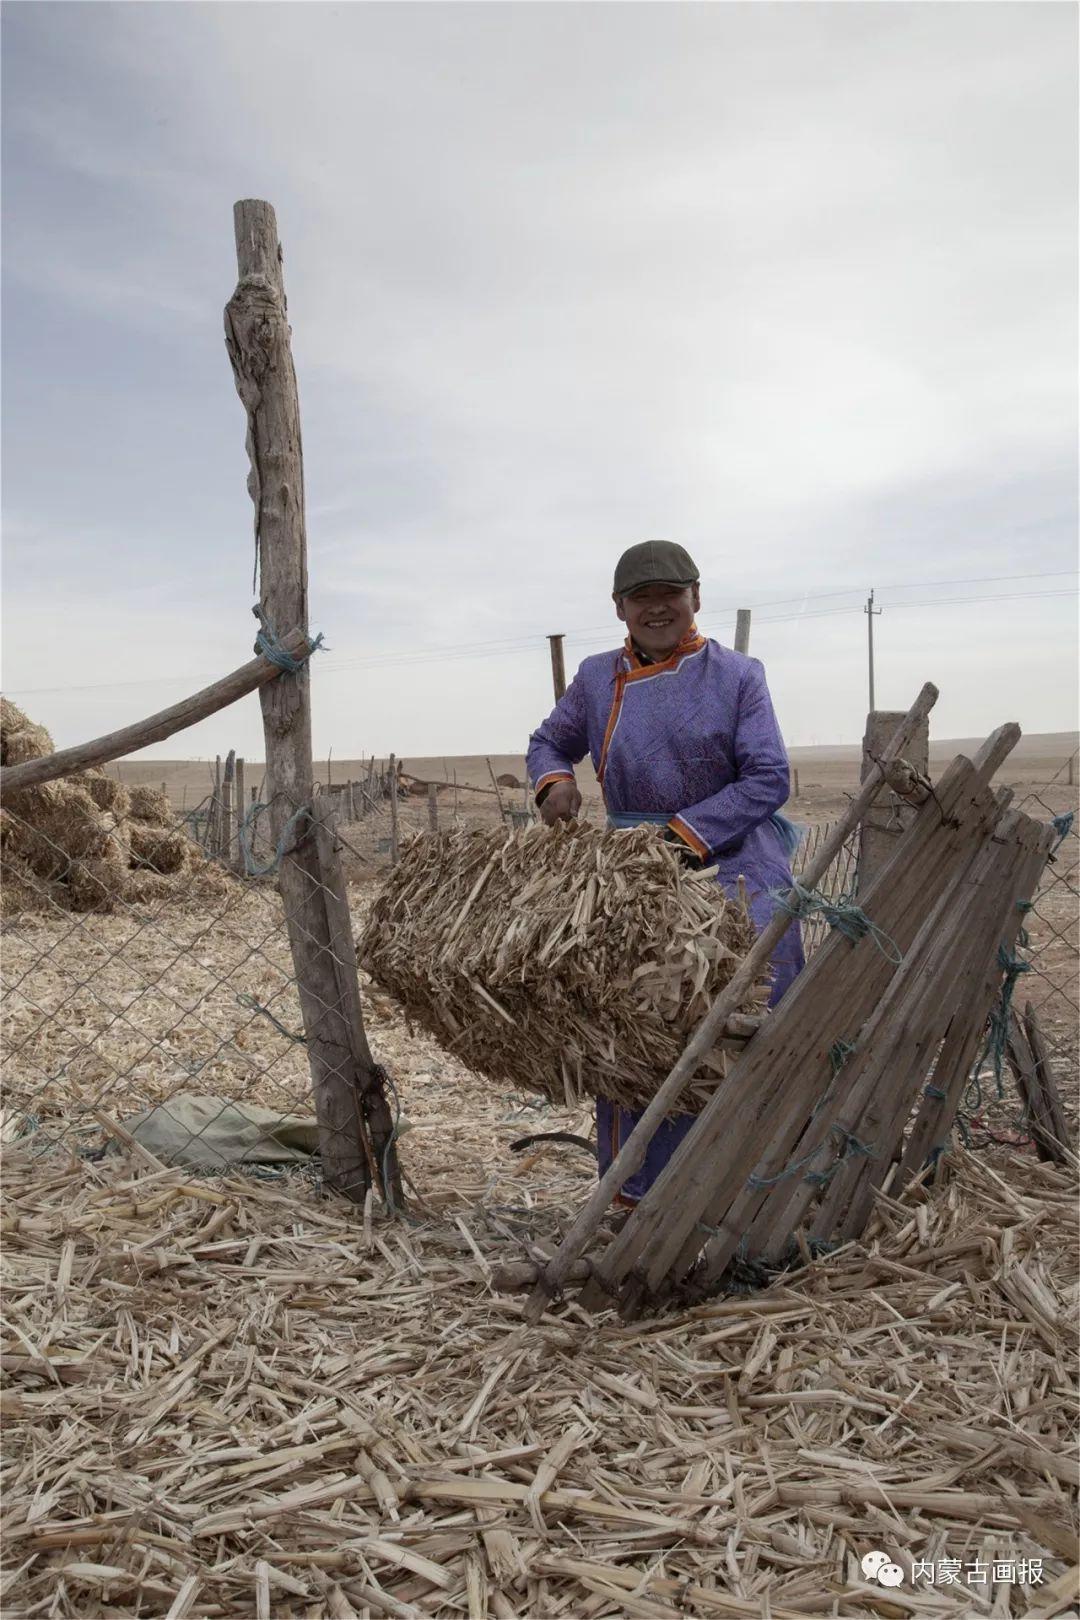 牧民的小年 第4张 牧民的小年 蒙古文化